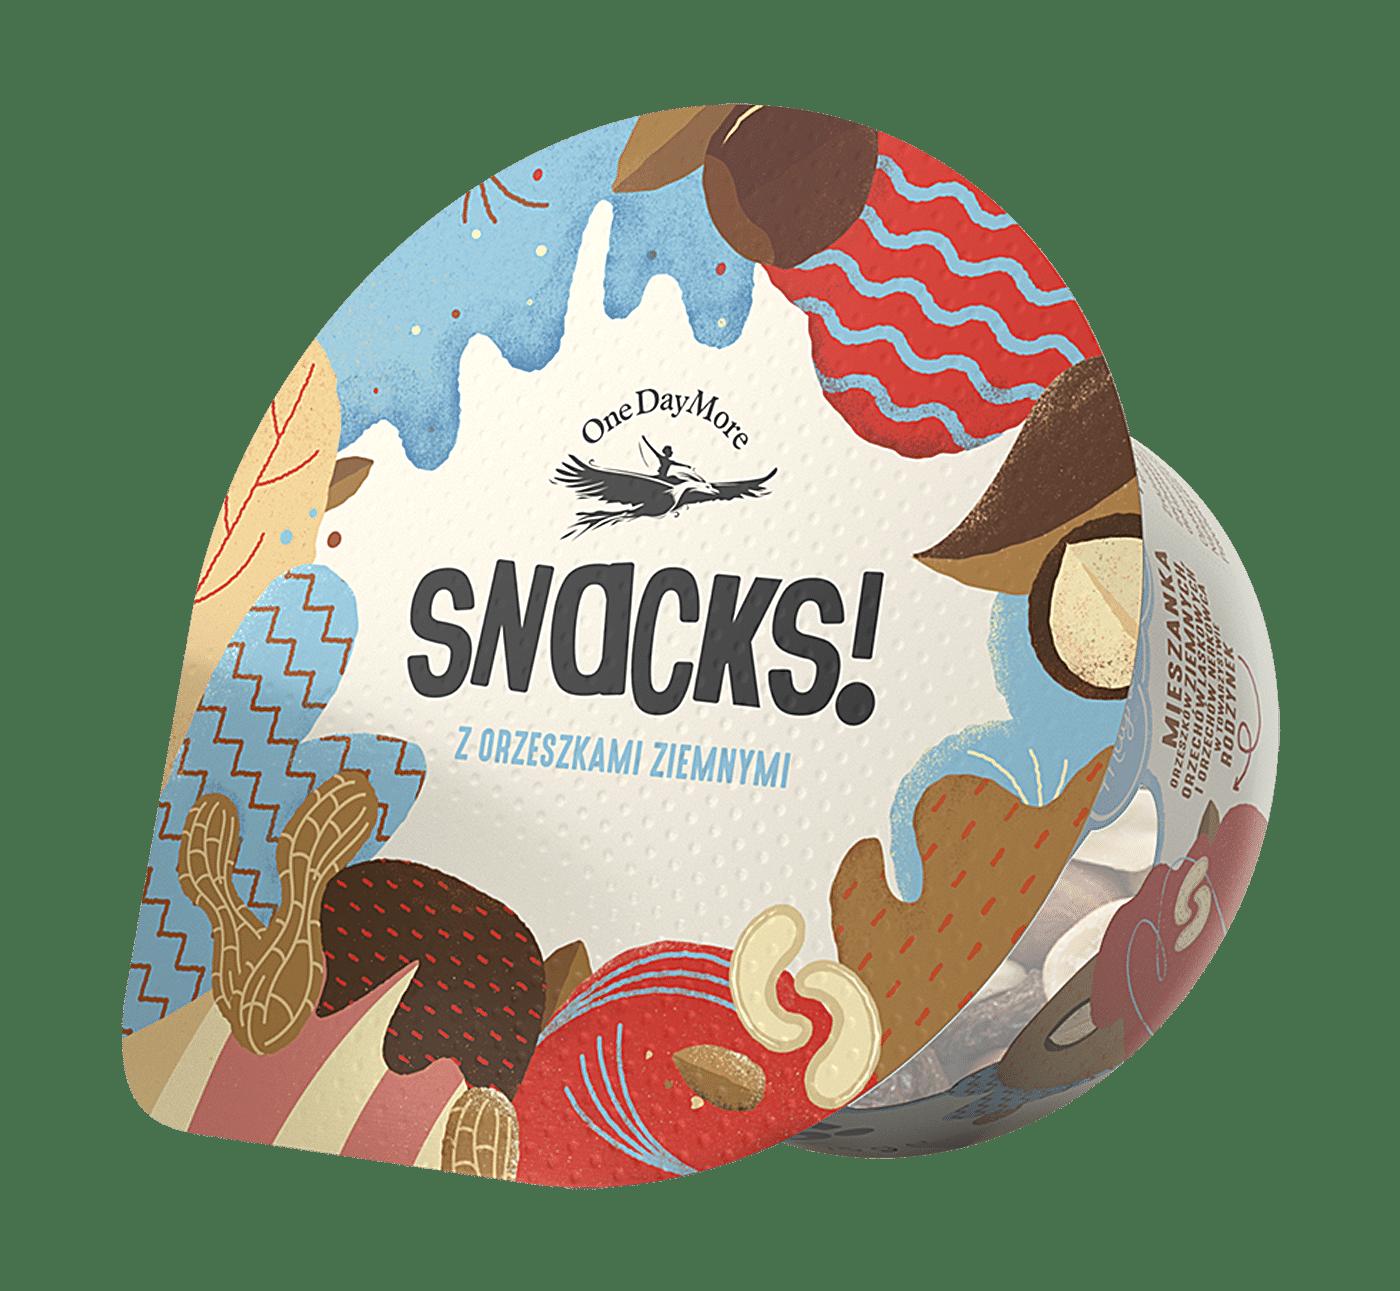 Kubek Snacks! z orzeszkami ziemnymi